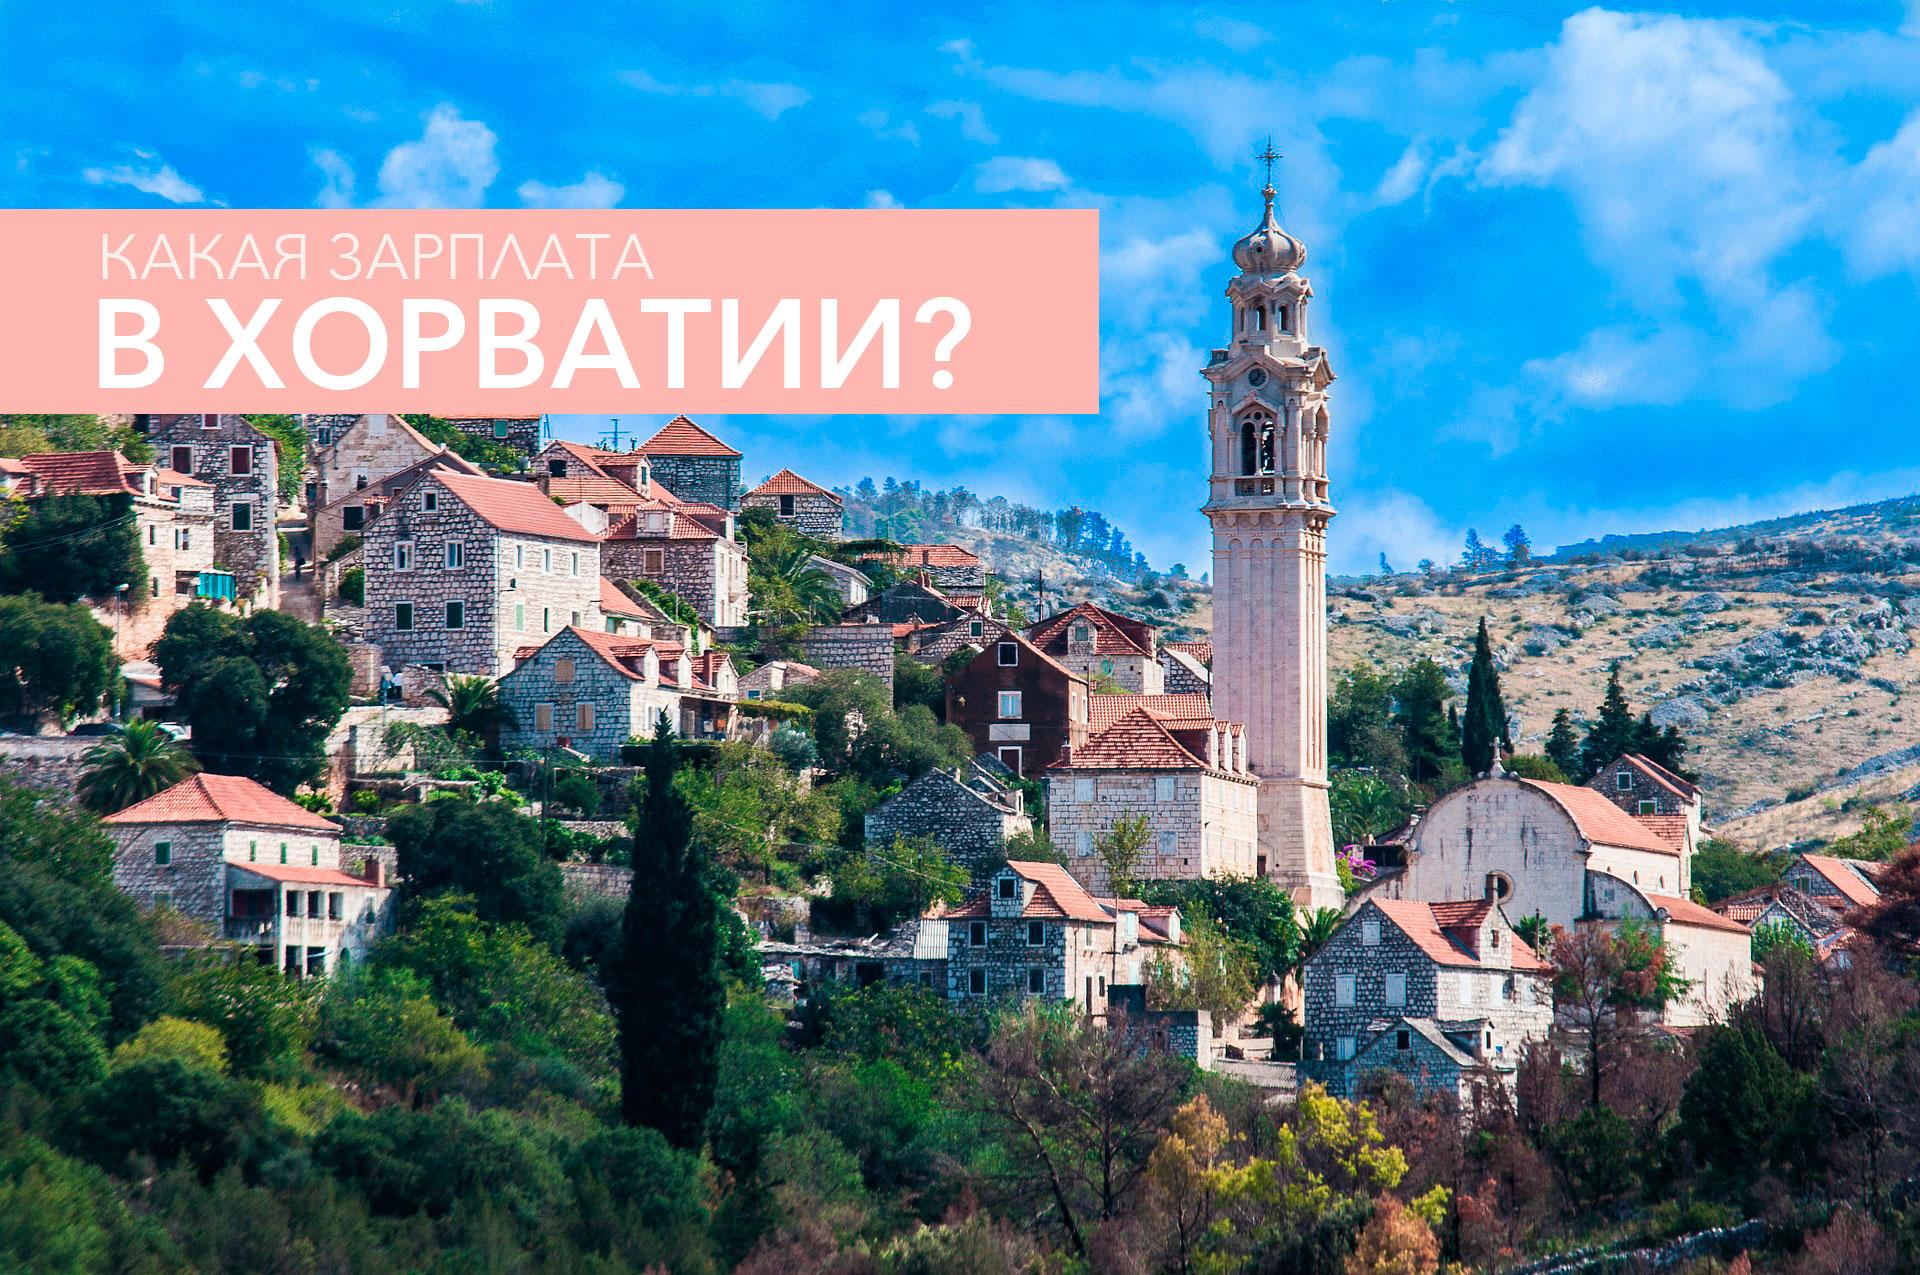 Средняя зарплата в Хорватии, Загреби уровень жизни